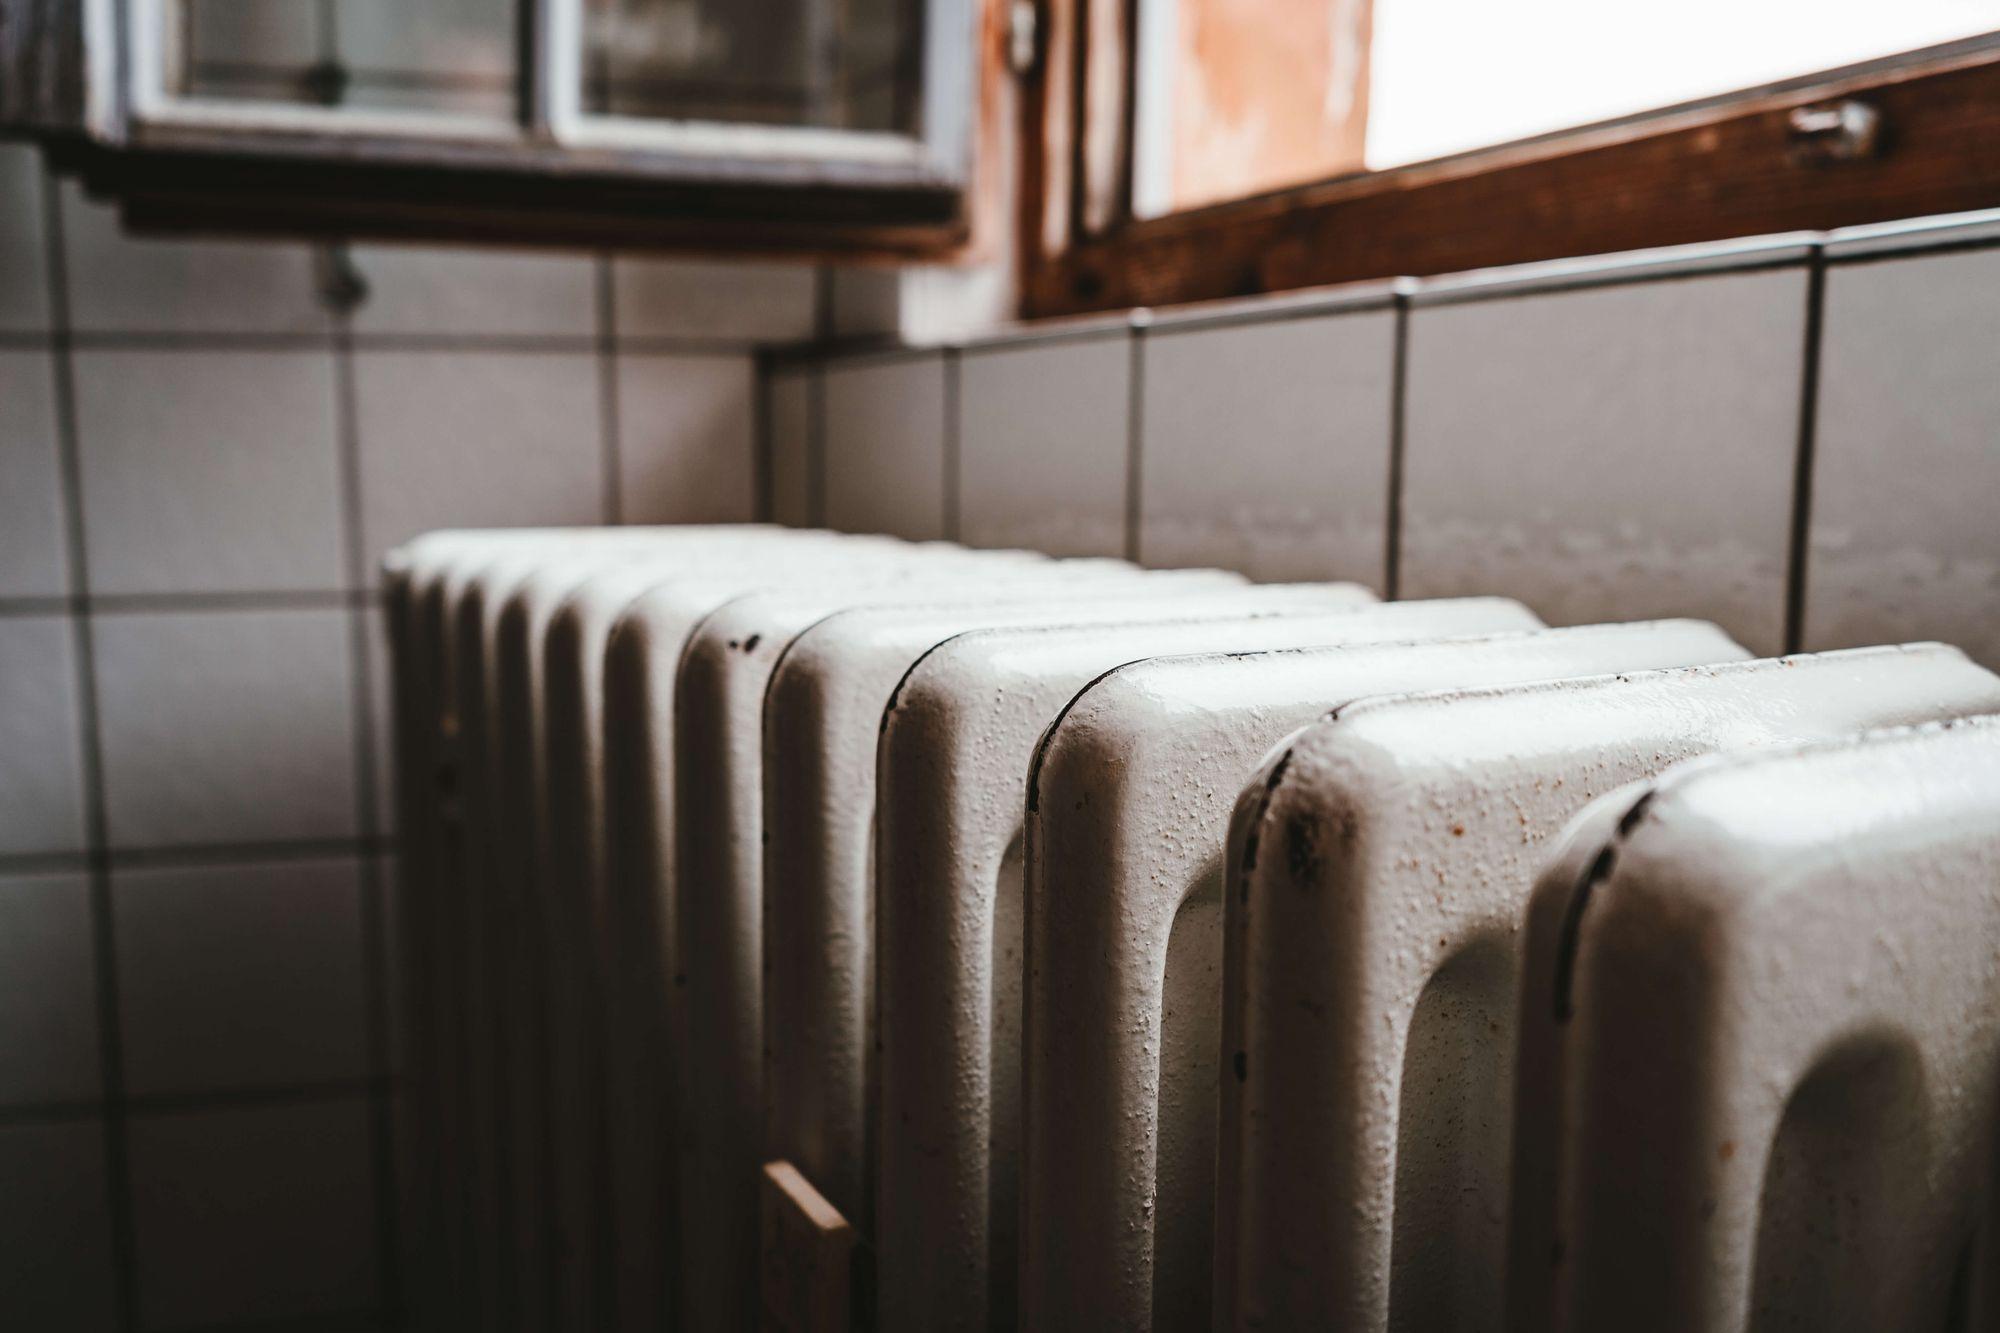 Riscaldamento domestico, come risparmiare sprecando meno energia